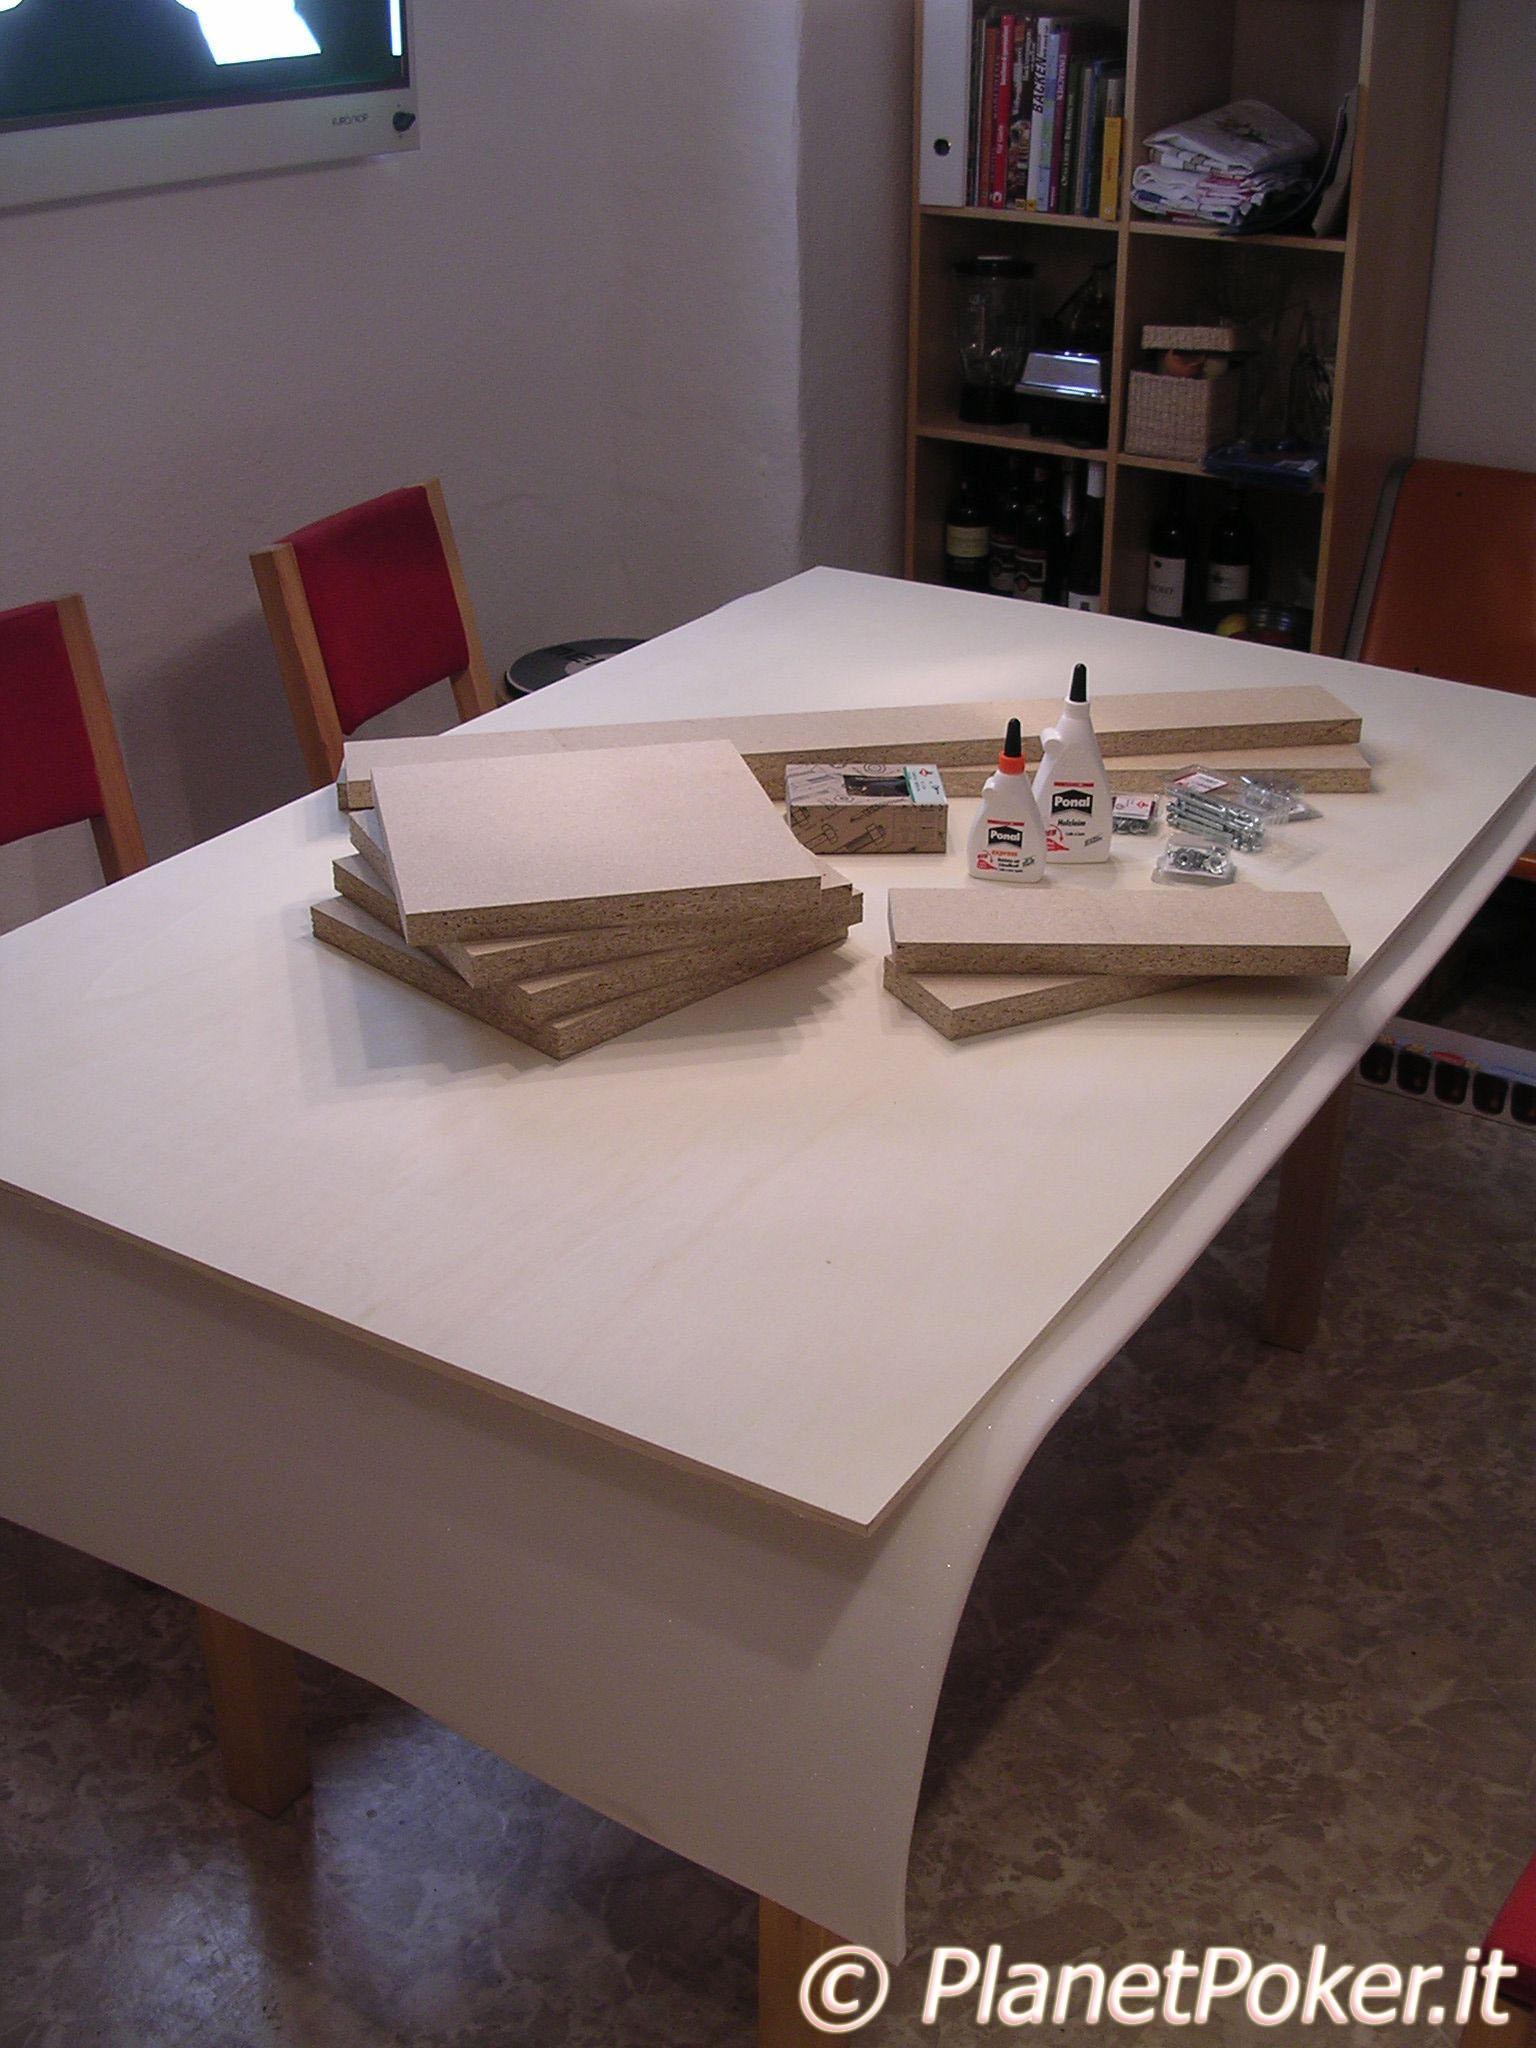 Pin Da Te Come Costruire Un Tavolo Tavolini Di Design Tavolo Di Desi  #7B5C50 1536 2048 Come Realizzare Un Tavolo Da Pranzo